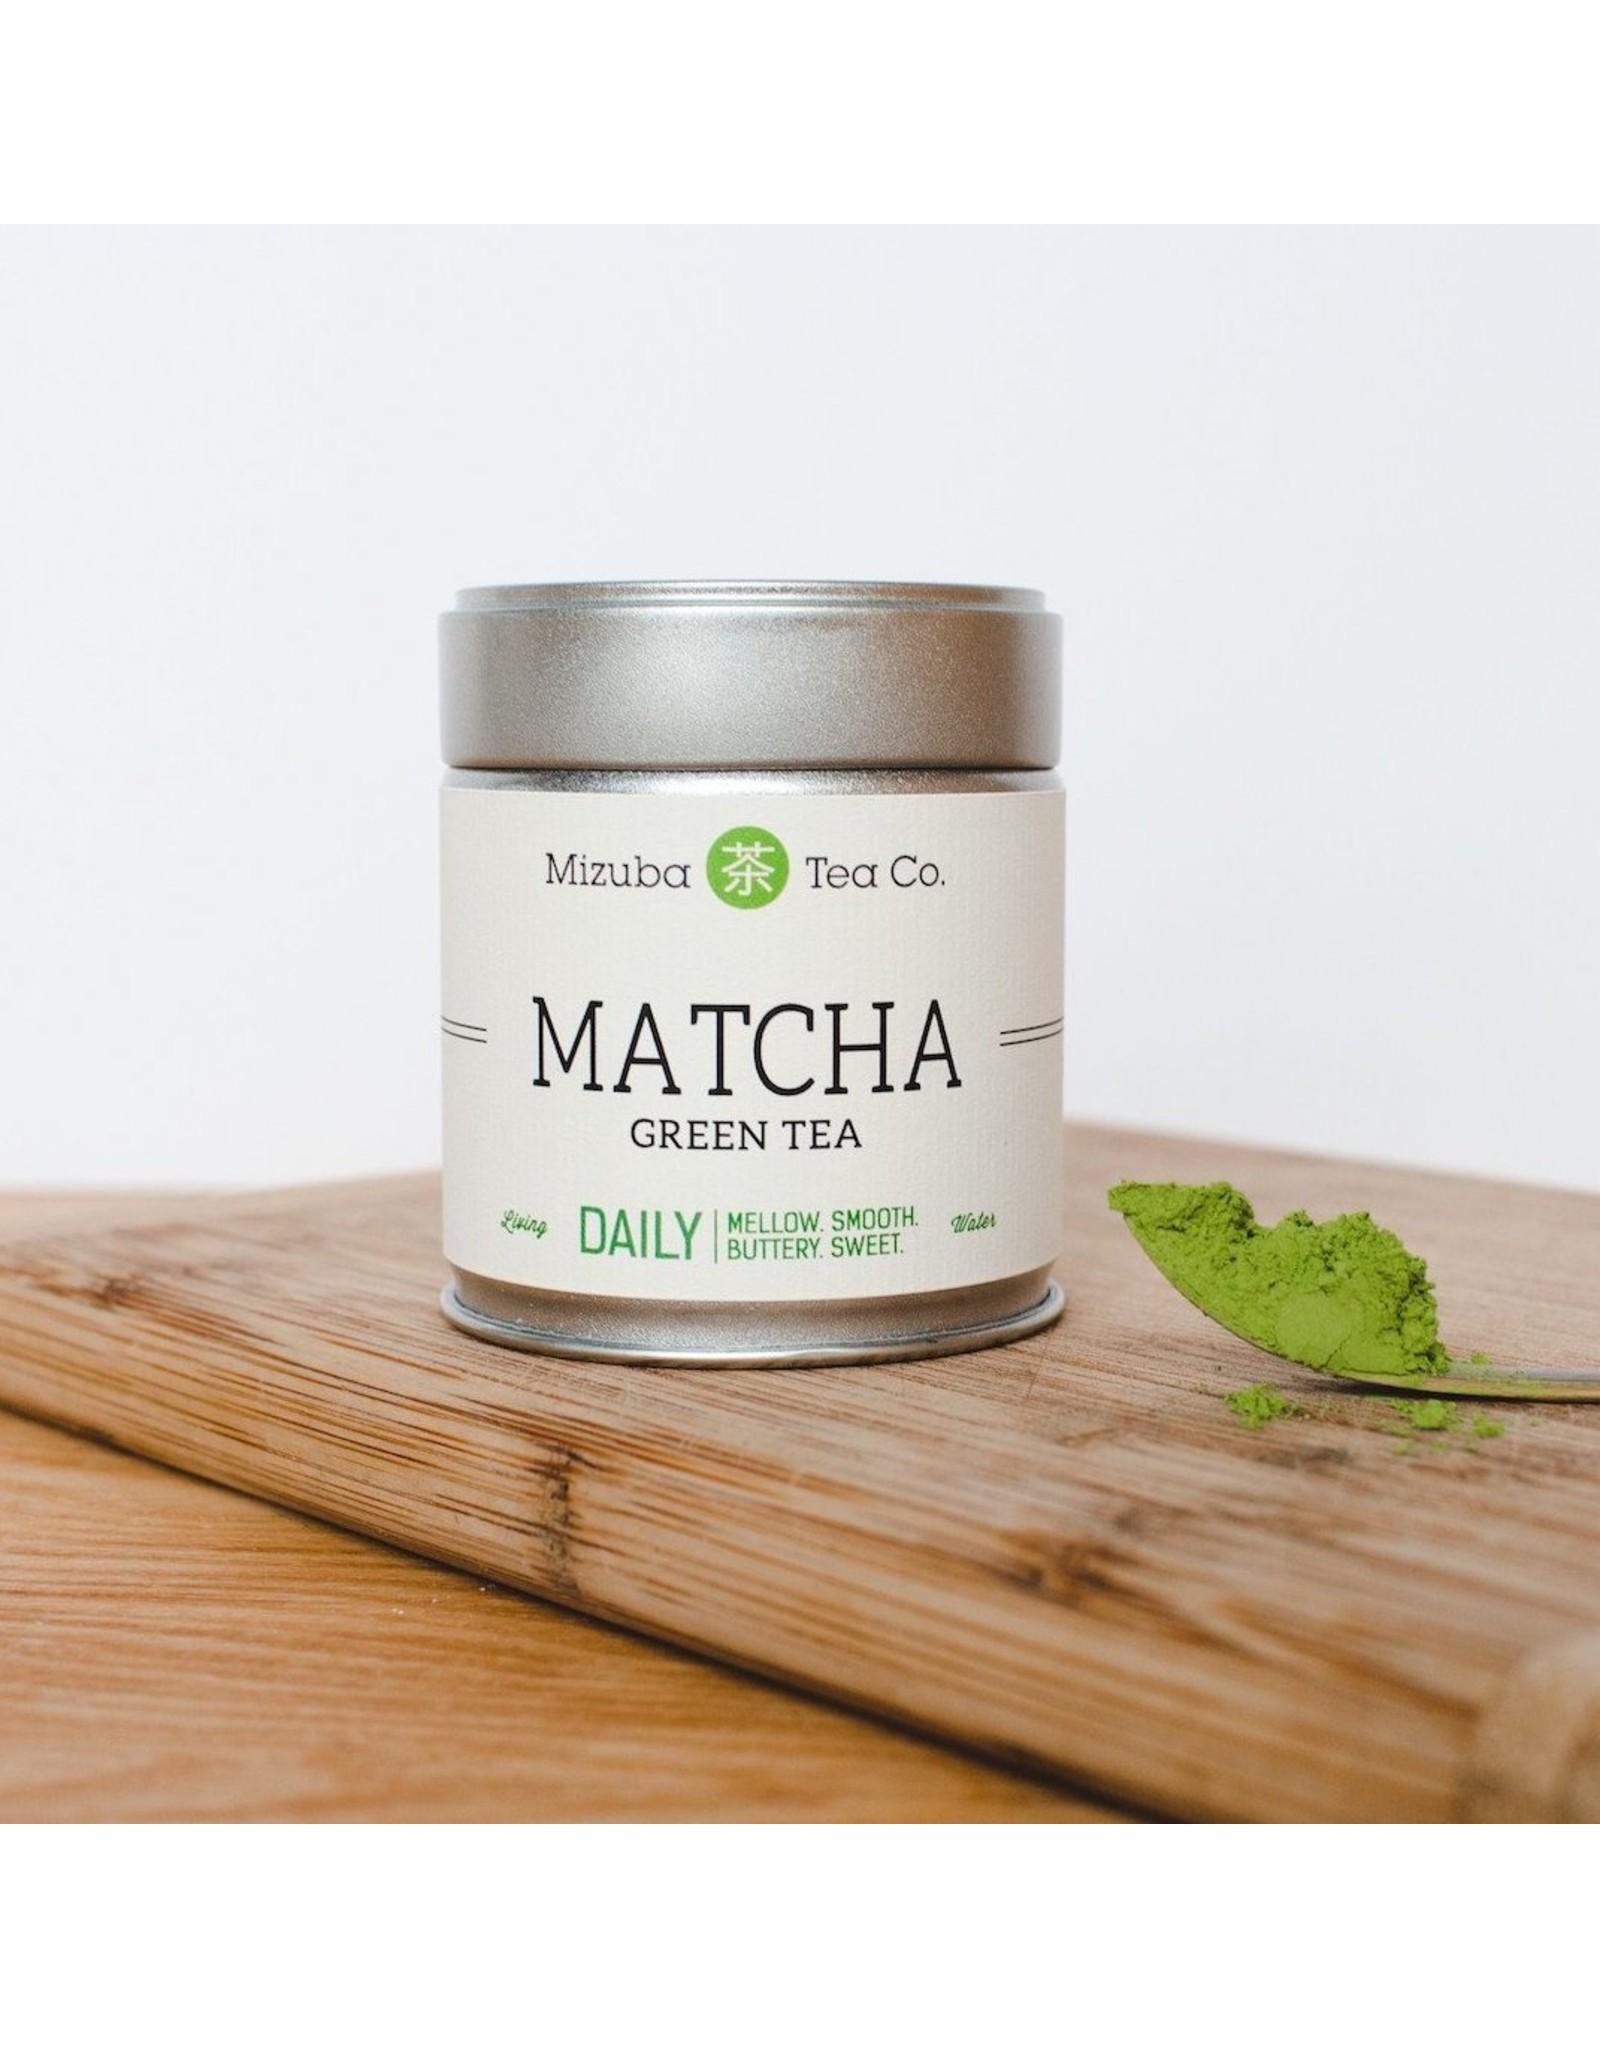 Mizuba Tea Co. Mizuba Tea Co. Matcha Green Tea (Daily)